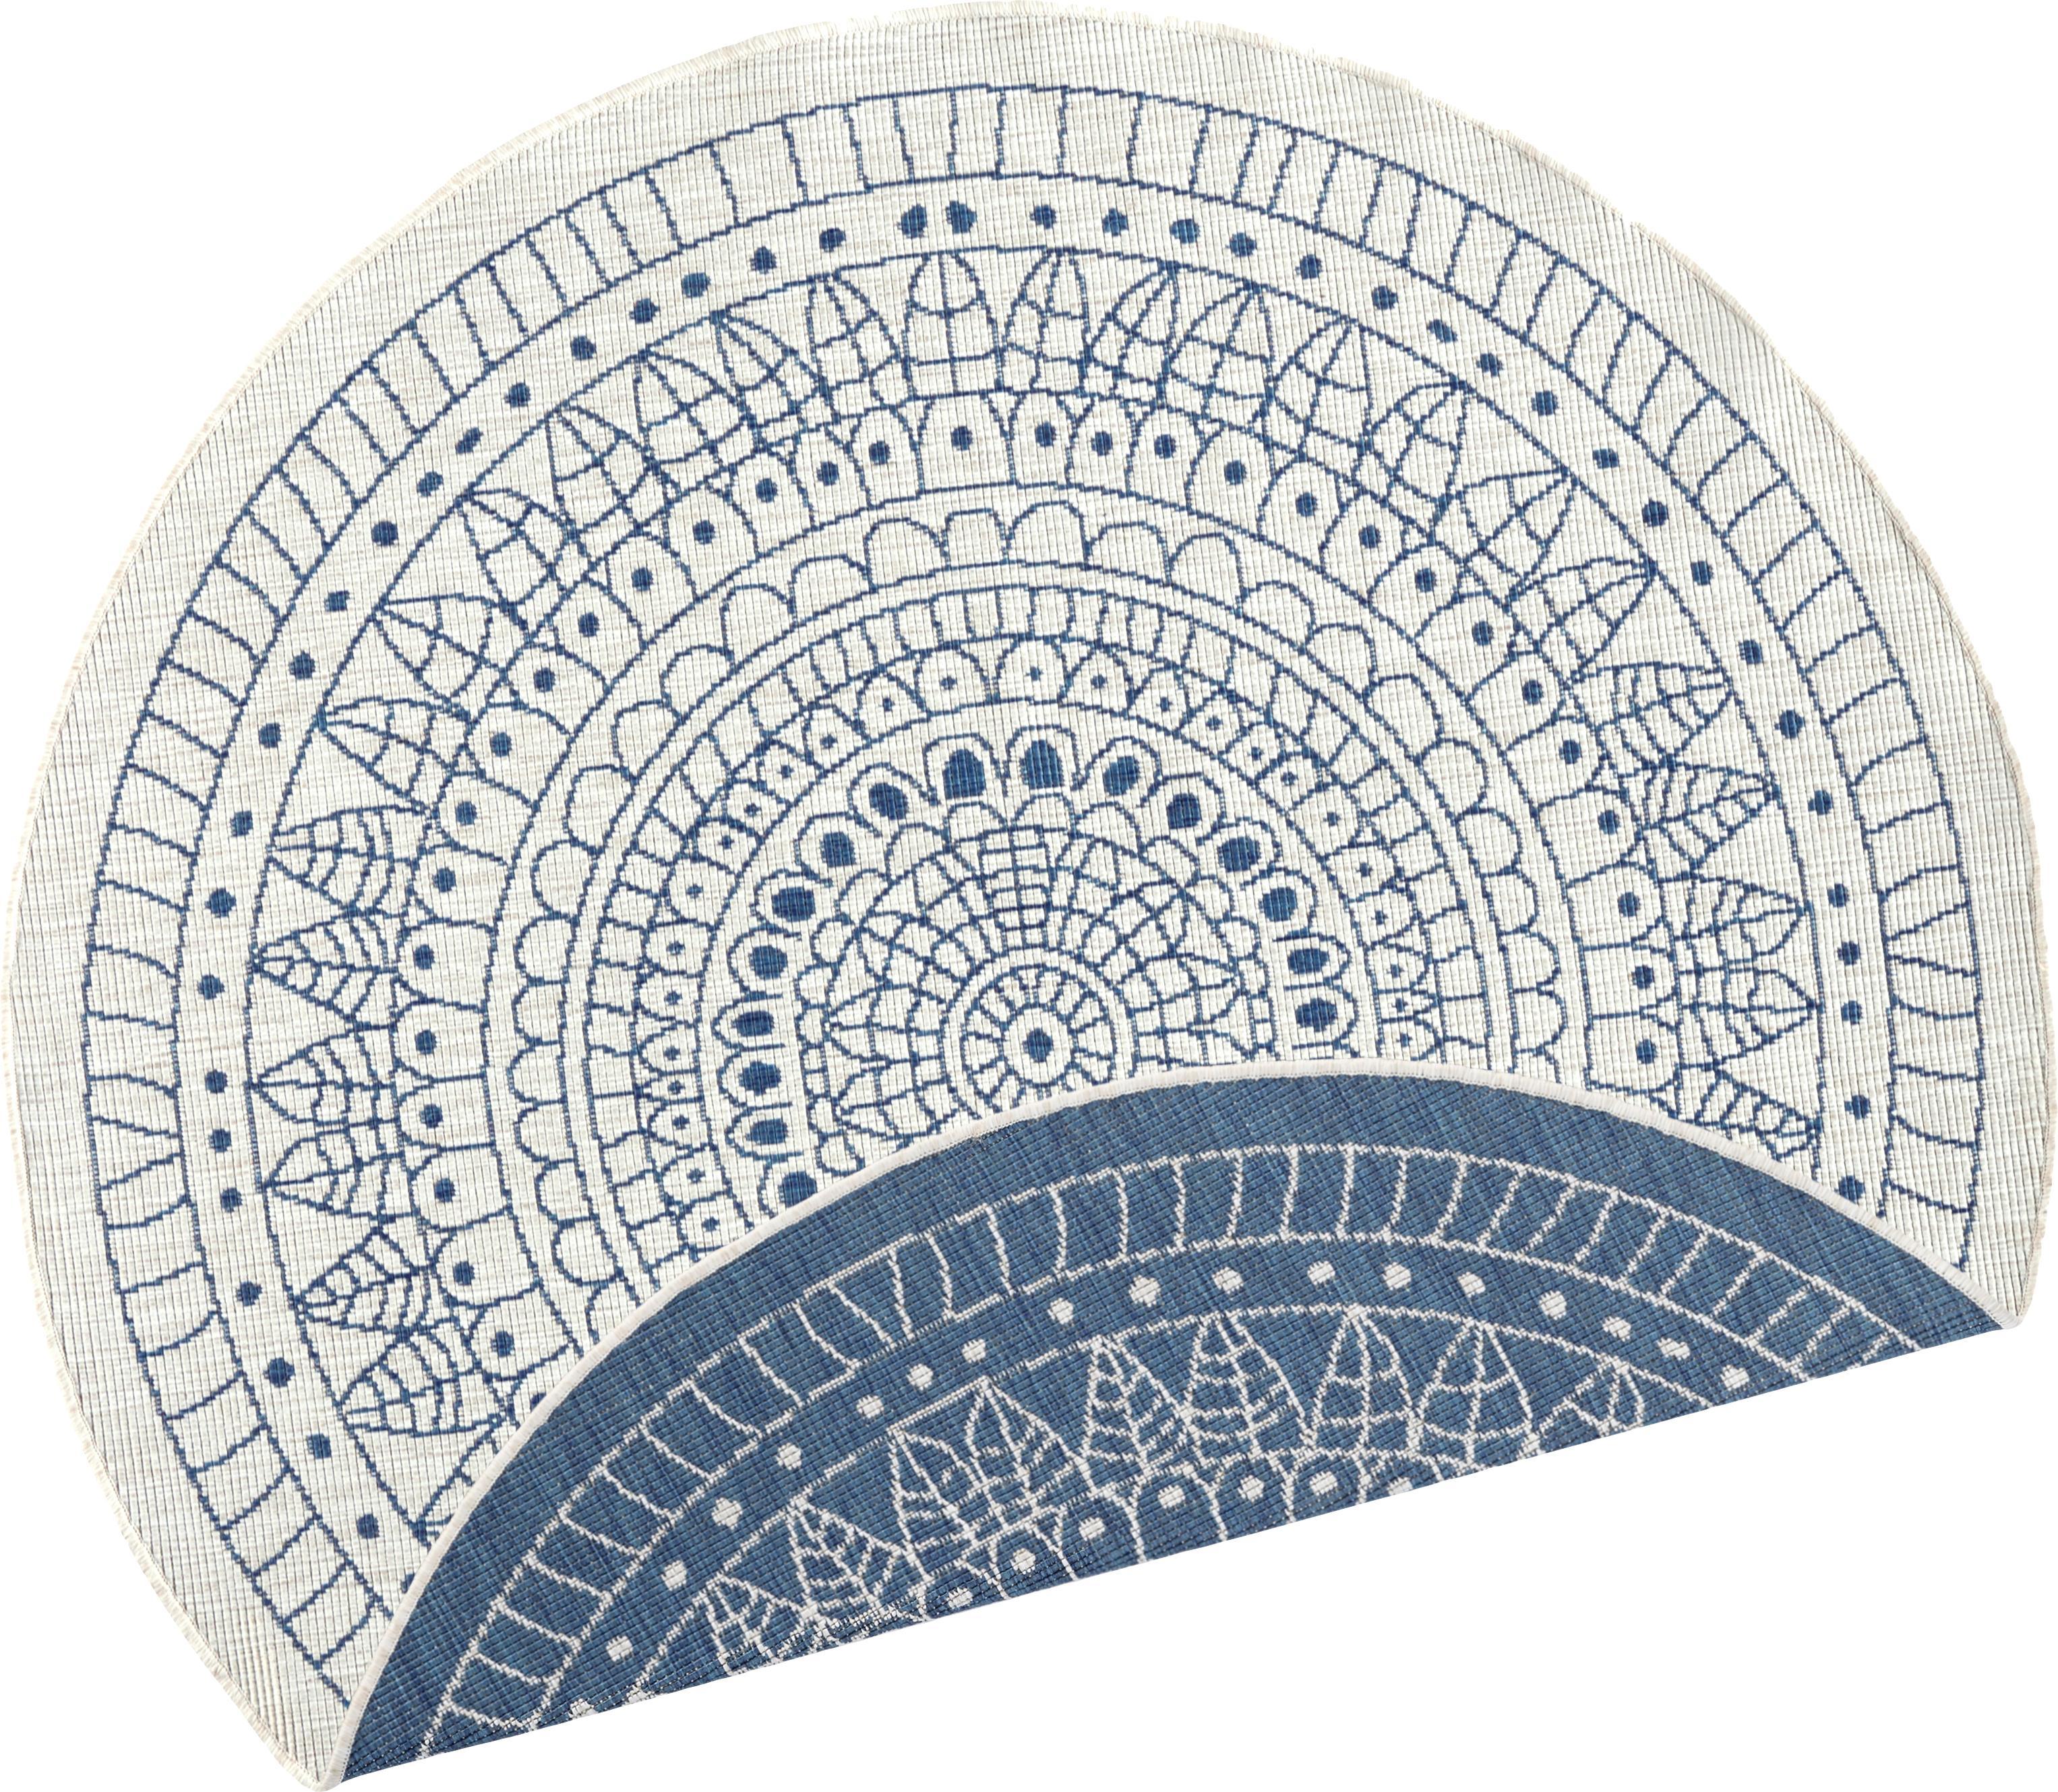 Rond dubbelzijdig in- en outdoor vloerkleed Porto, met patroon, Blauw, crèmekleurig, Ø 140 cm (maat M)